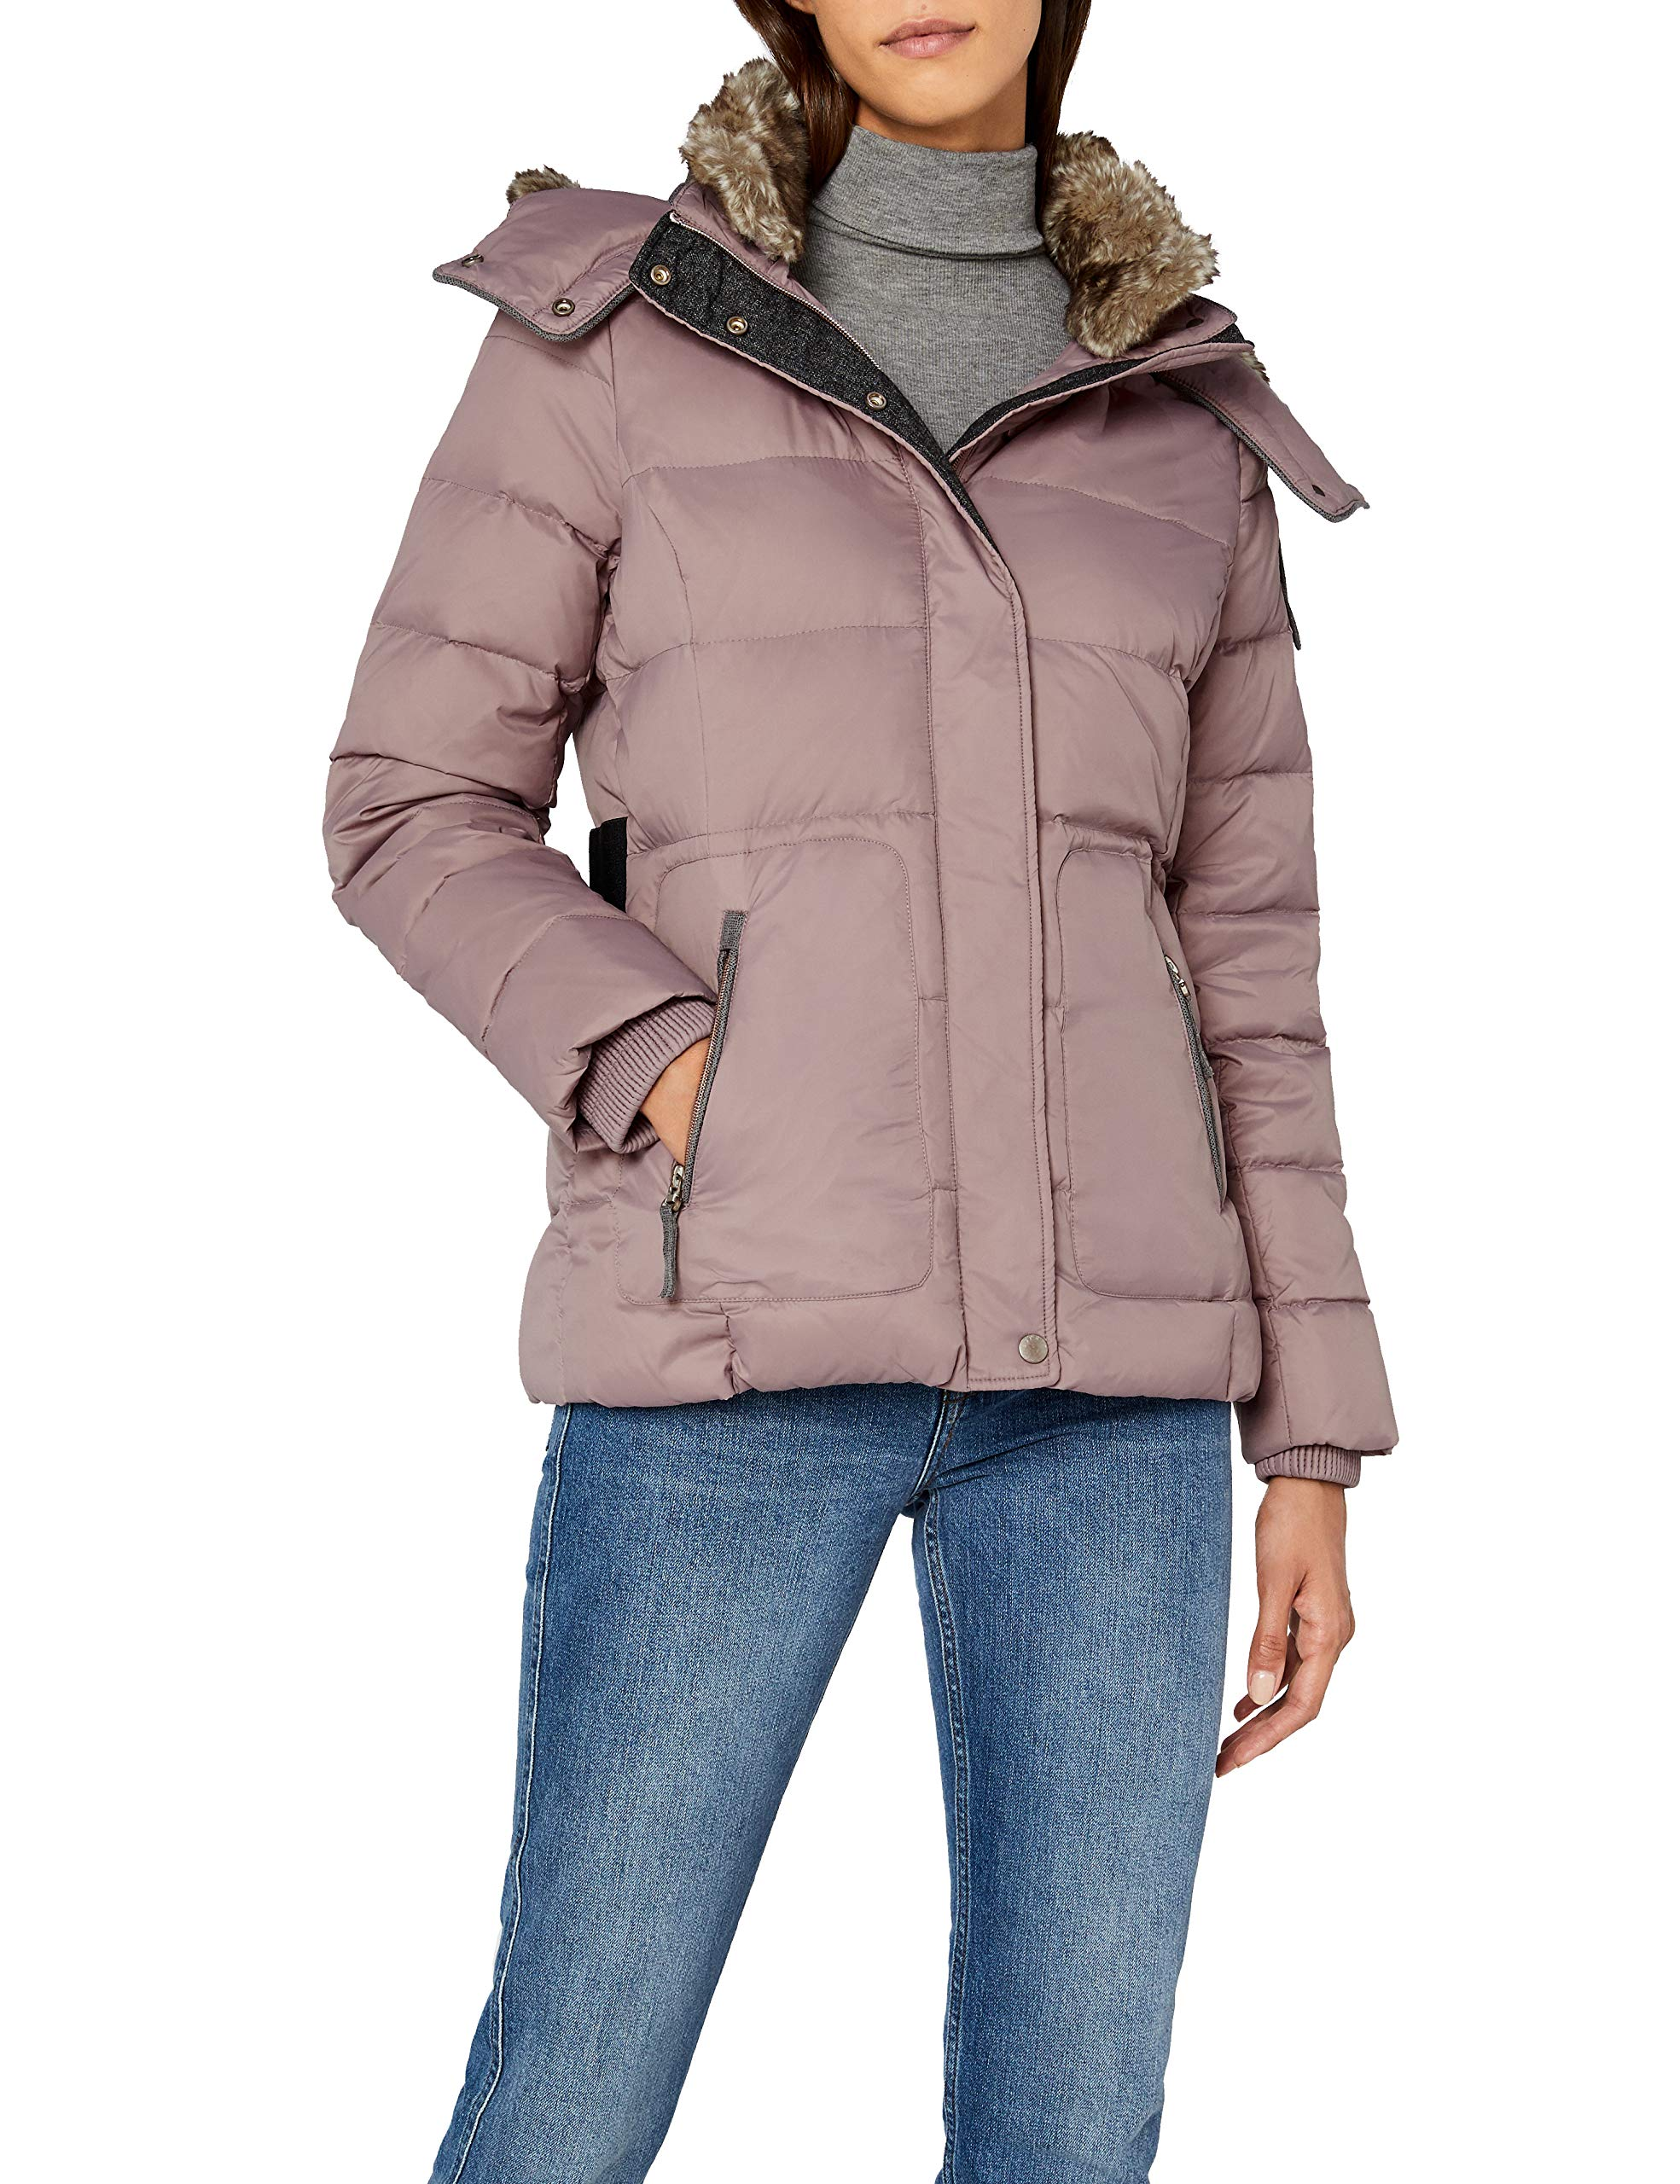 Violetmauve FabricantS Blouson 550FrMtaille Femme Esprit087ee1g011 QrCshdt